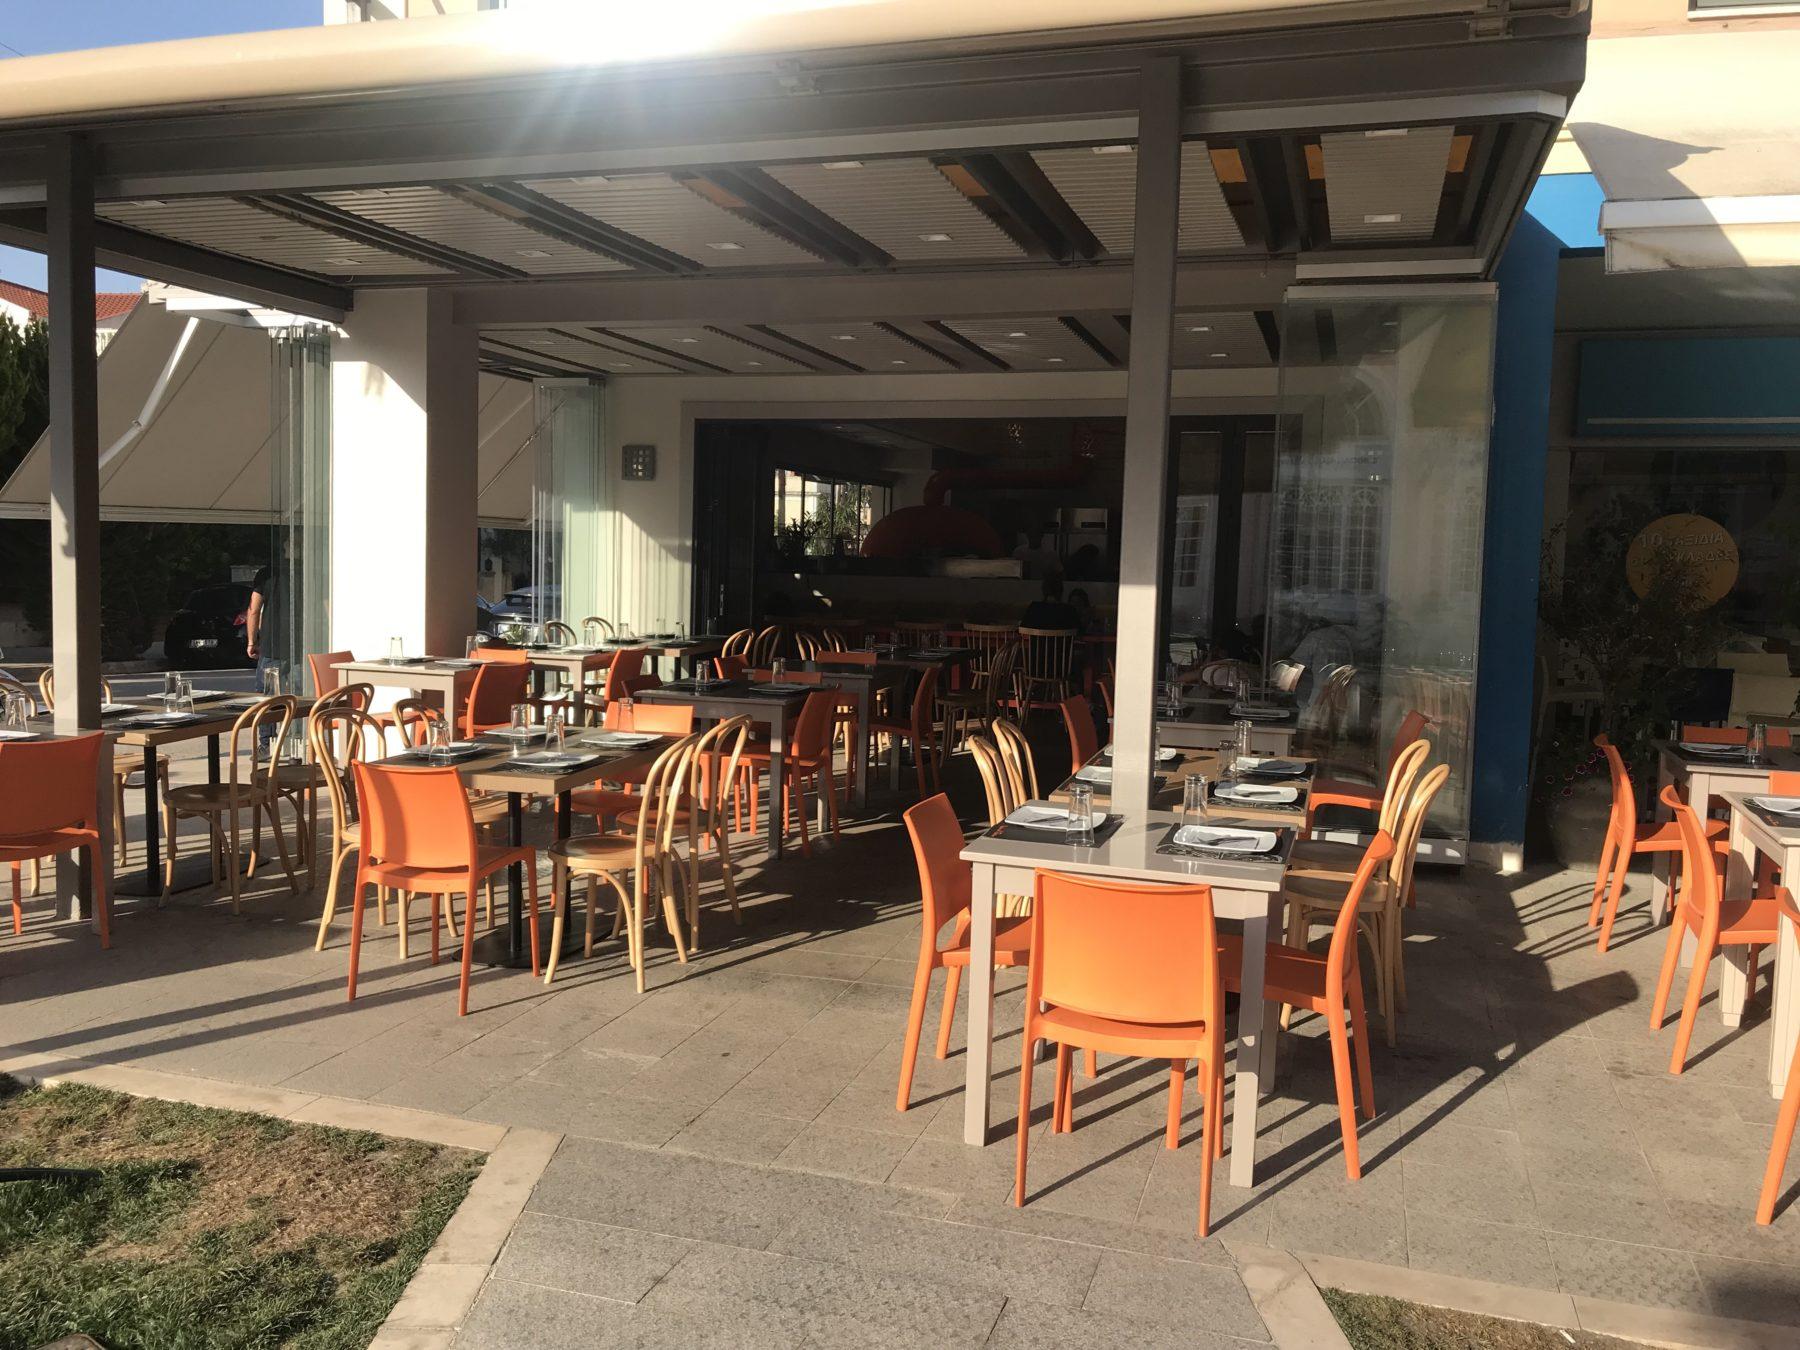 Al forno - Ένα italiano ristorante υψηλών προδιαγραφών